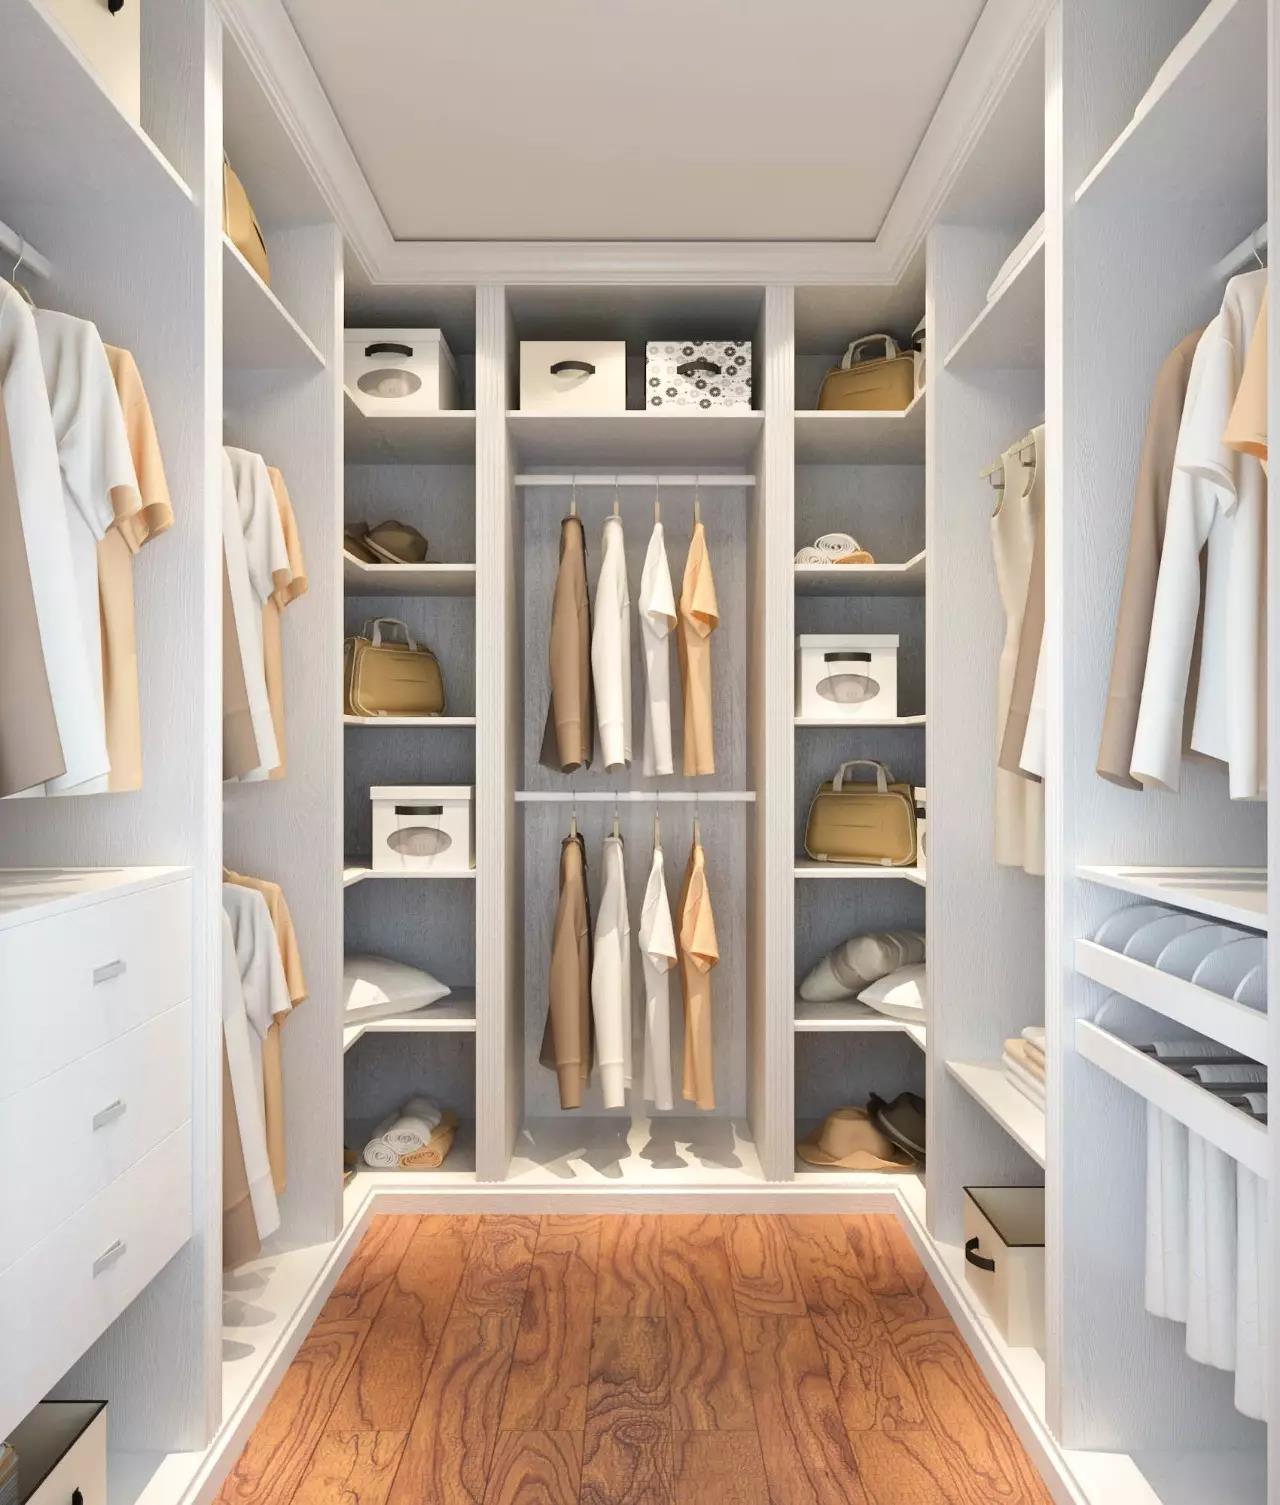 收纳篮也是常见的衣柜五金配件